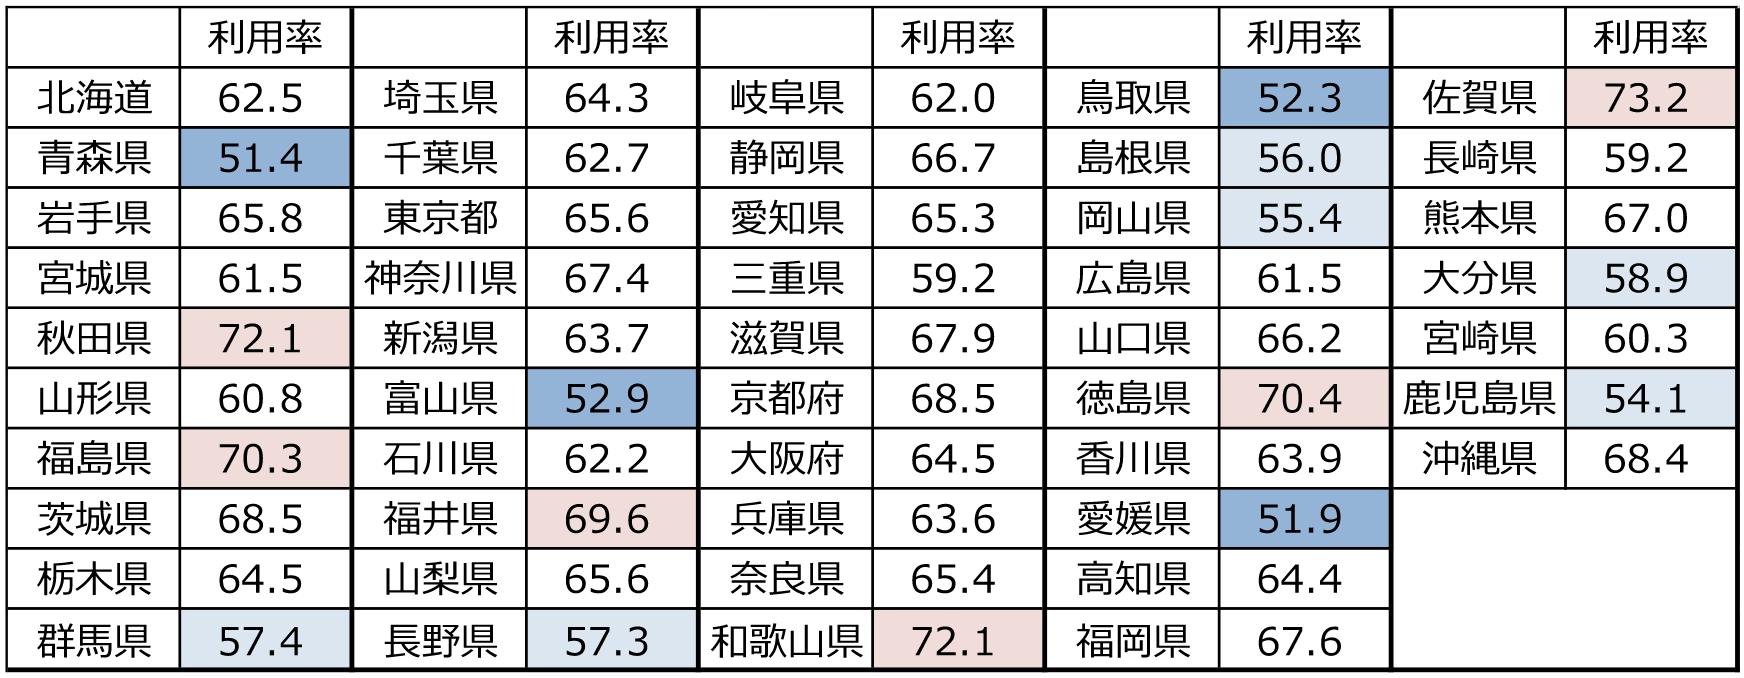 都道府県別スマホ・ケータイ所有者のYouTube利用率調査 [調査対象:全国・15~79歳男女・単一回答] (注)枠が赤いほど割合が高く、青いほど低い。出所:2020年一般向けモバイル動向調査